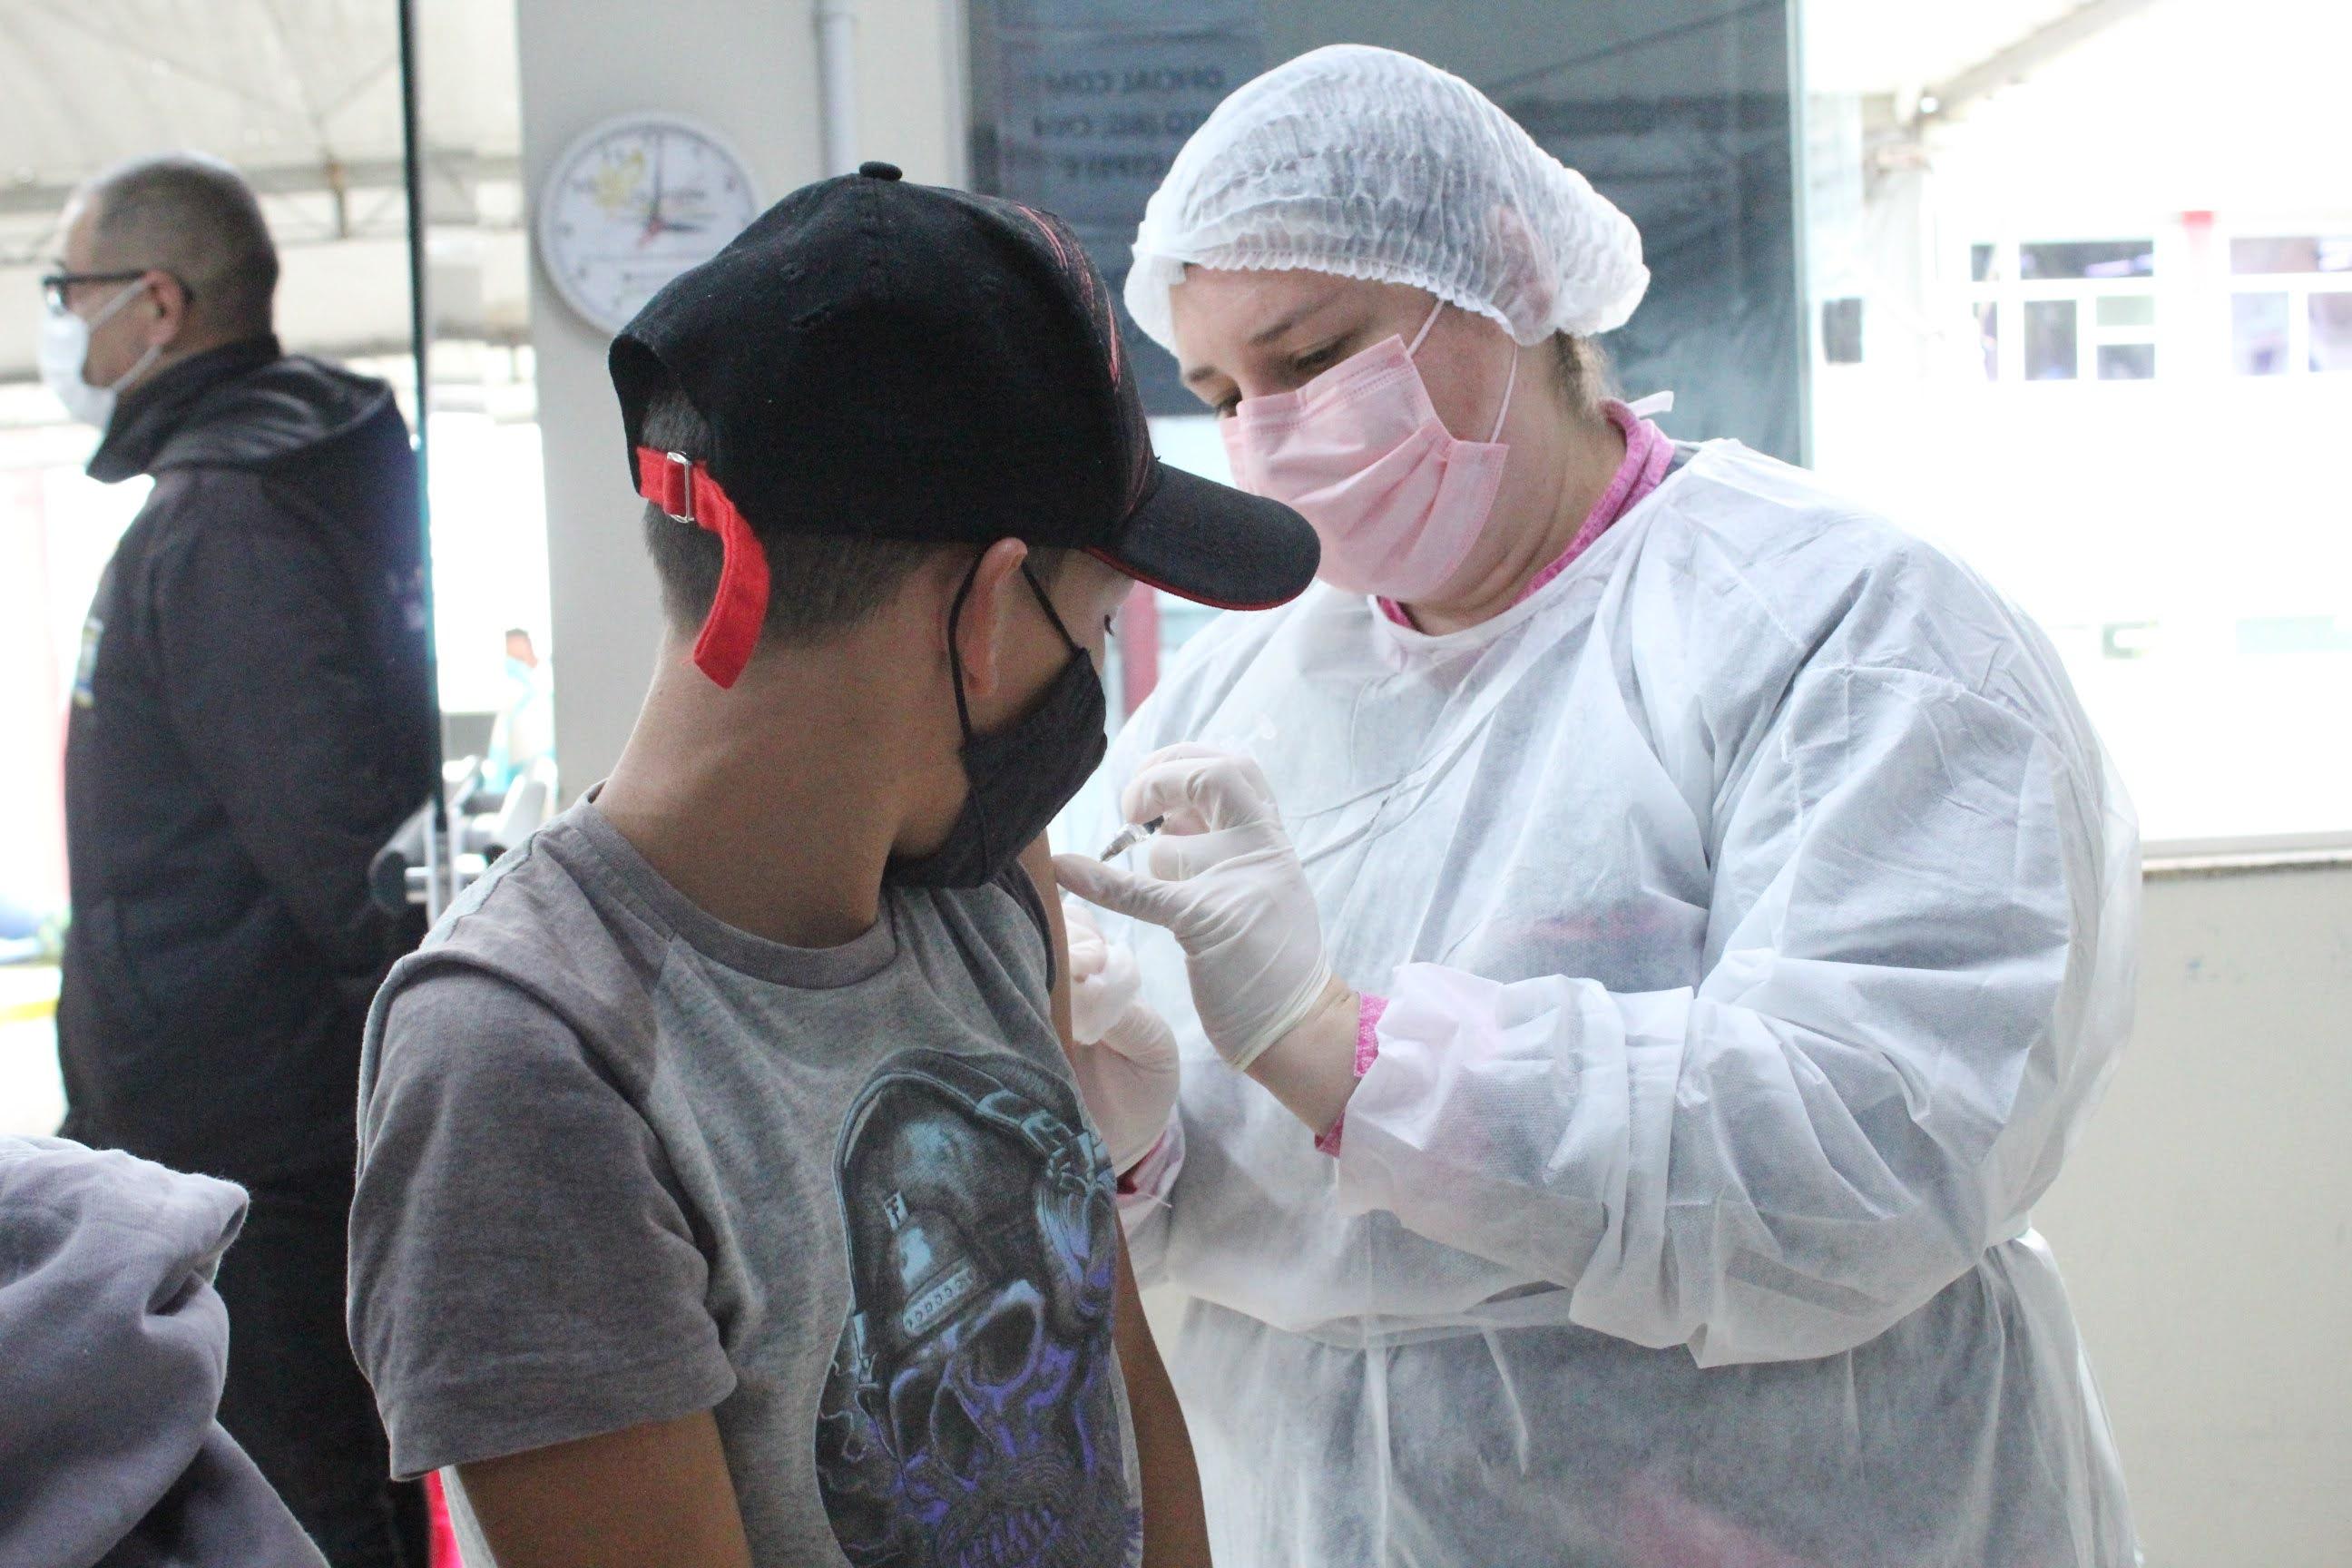 Coronavírus: vacinação é liberada para adolescentes com 14 anos em Lages Últimas notícias Lages coronavírus